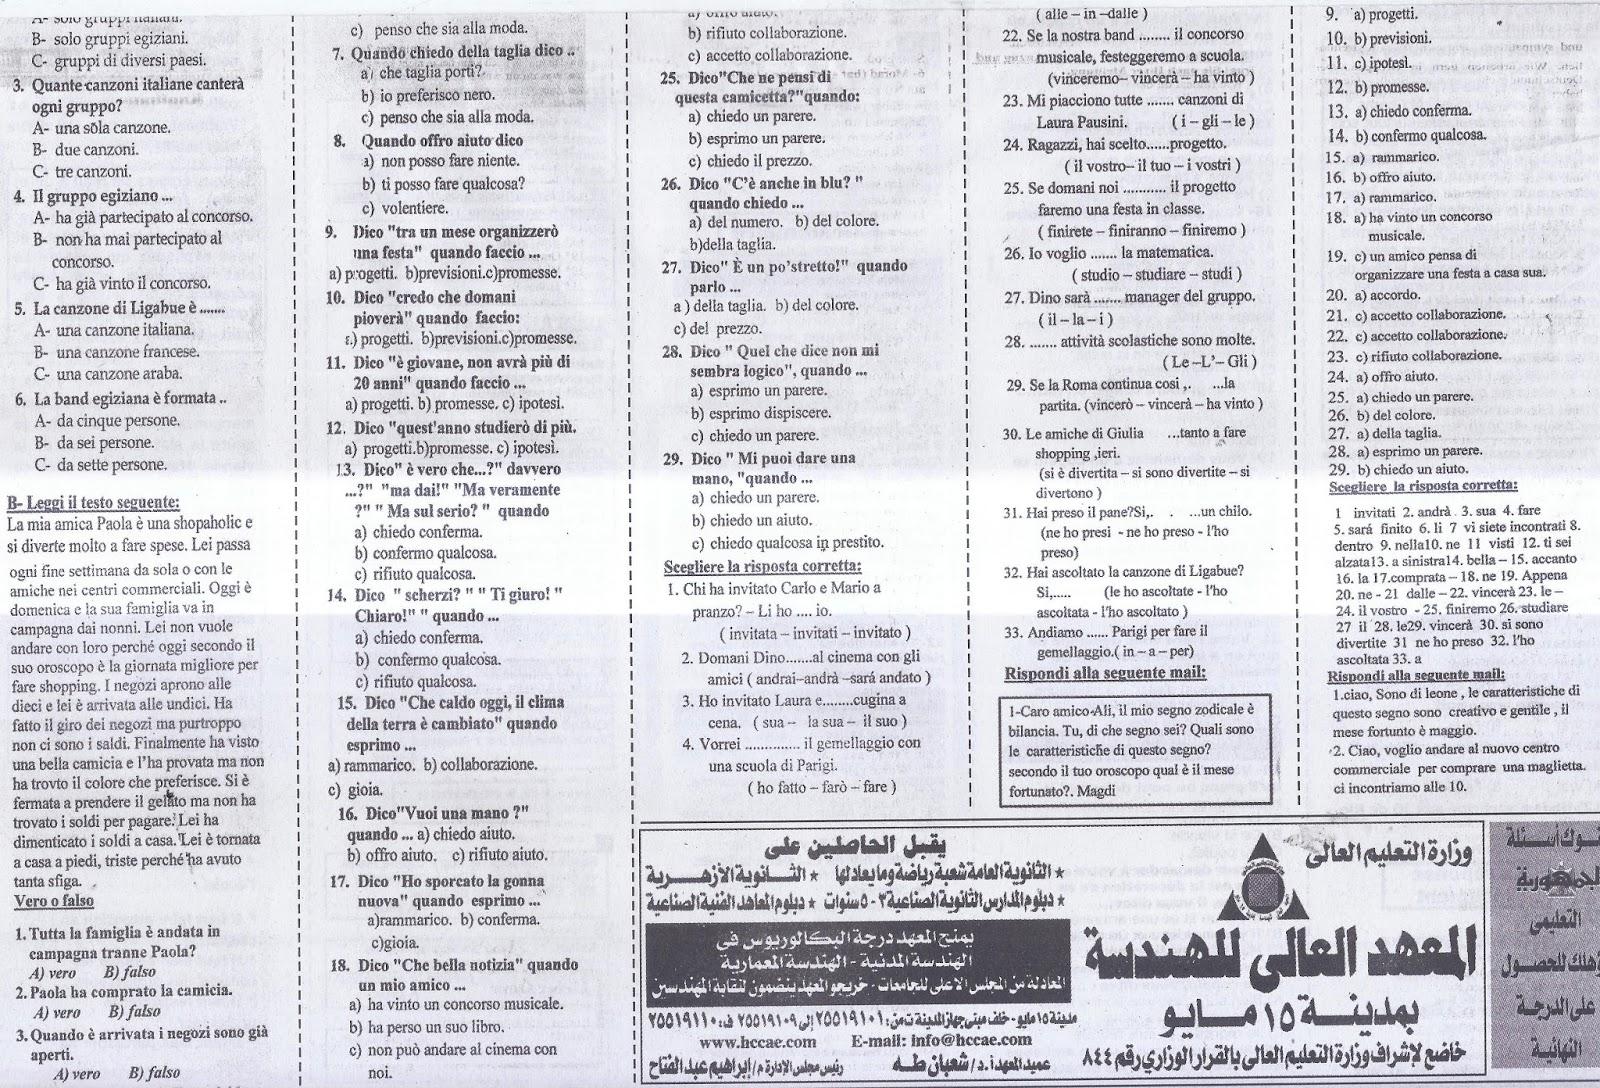 مراجعة اللغة الايطالية رقم (2) للثانوية العامة.. ملحق الجمهورية 7